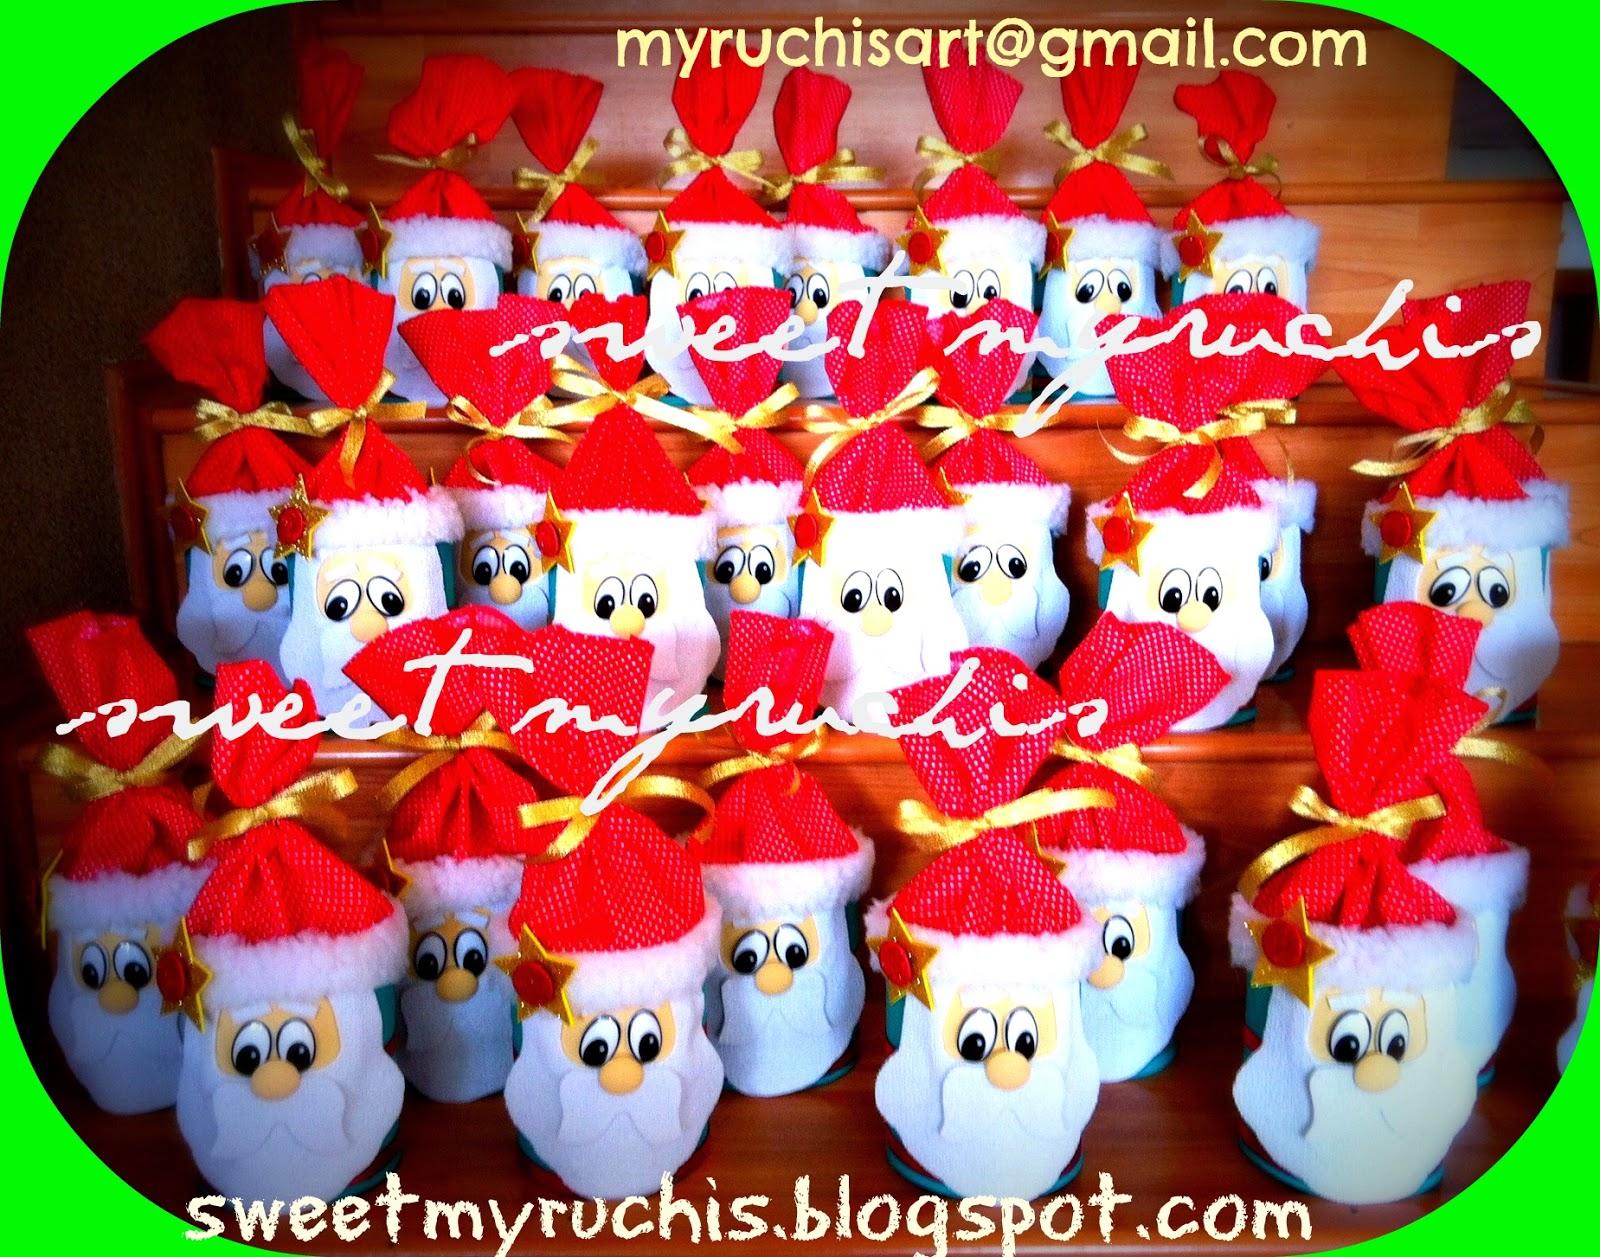 Myruchis regalos de navidad originales dulceros santa - Regalos para pedir en navidad ...